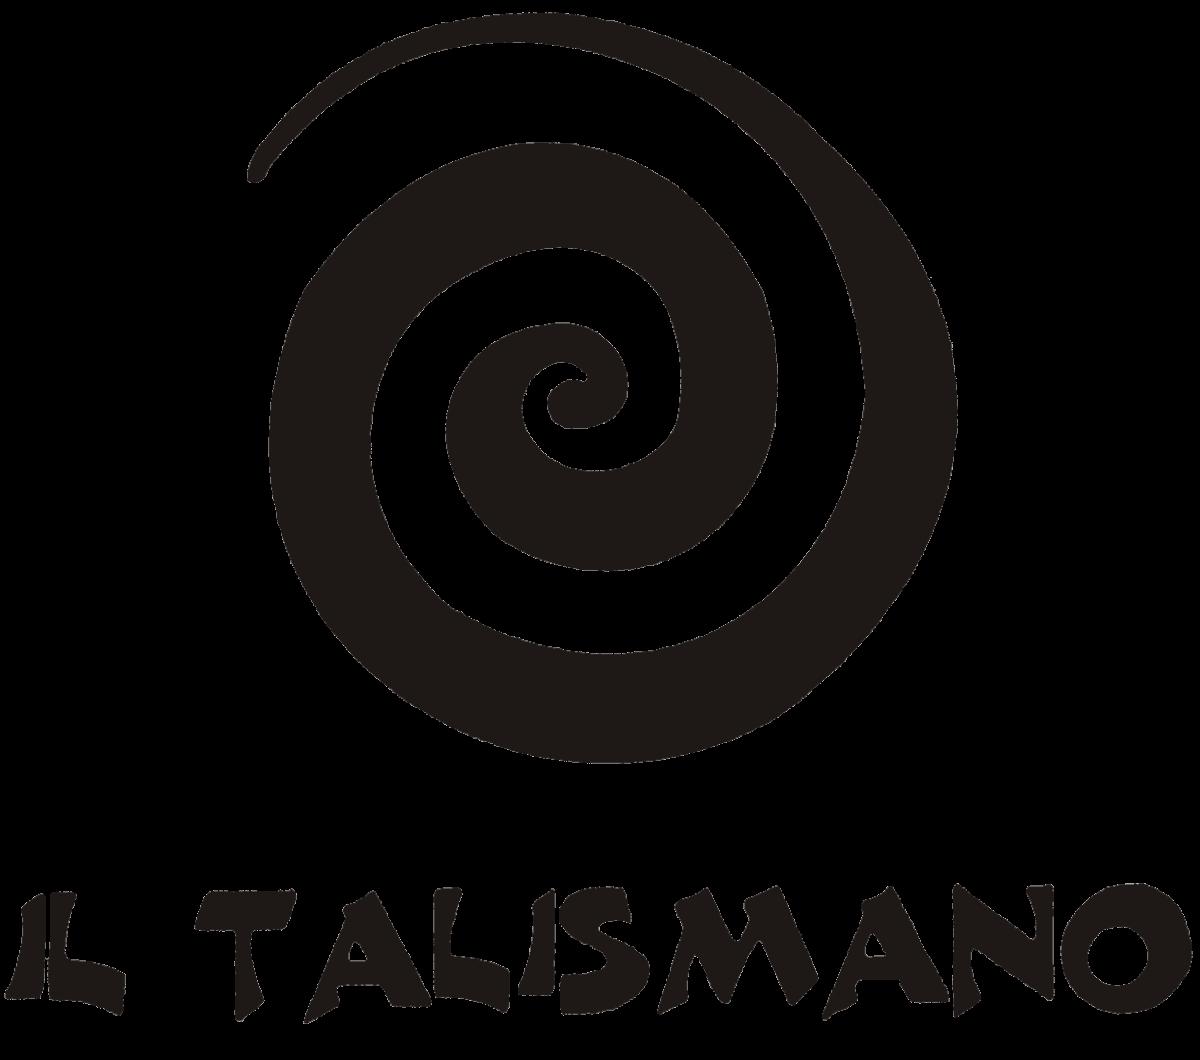 IL Talismano logo